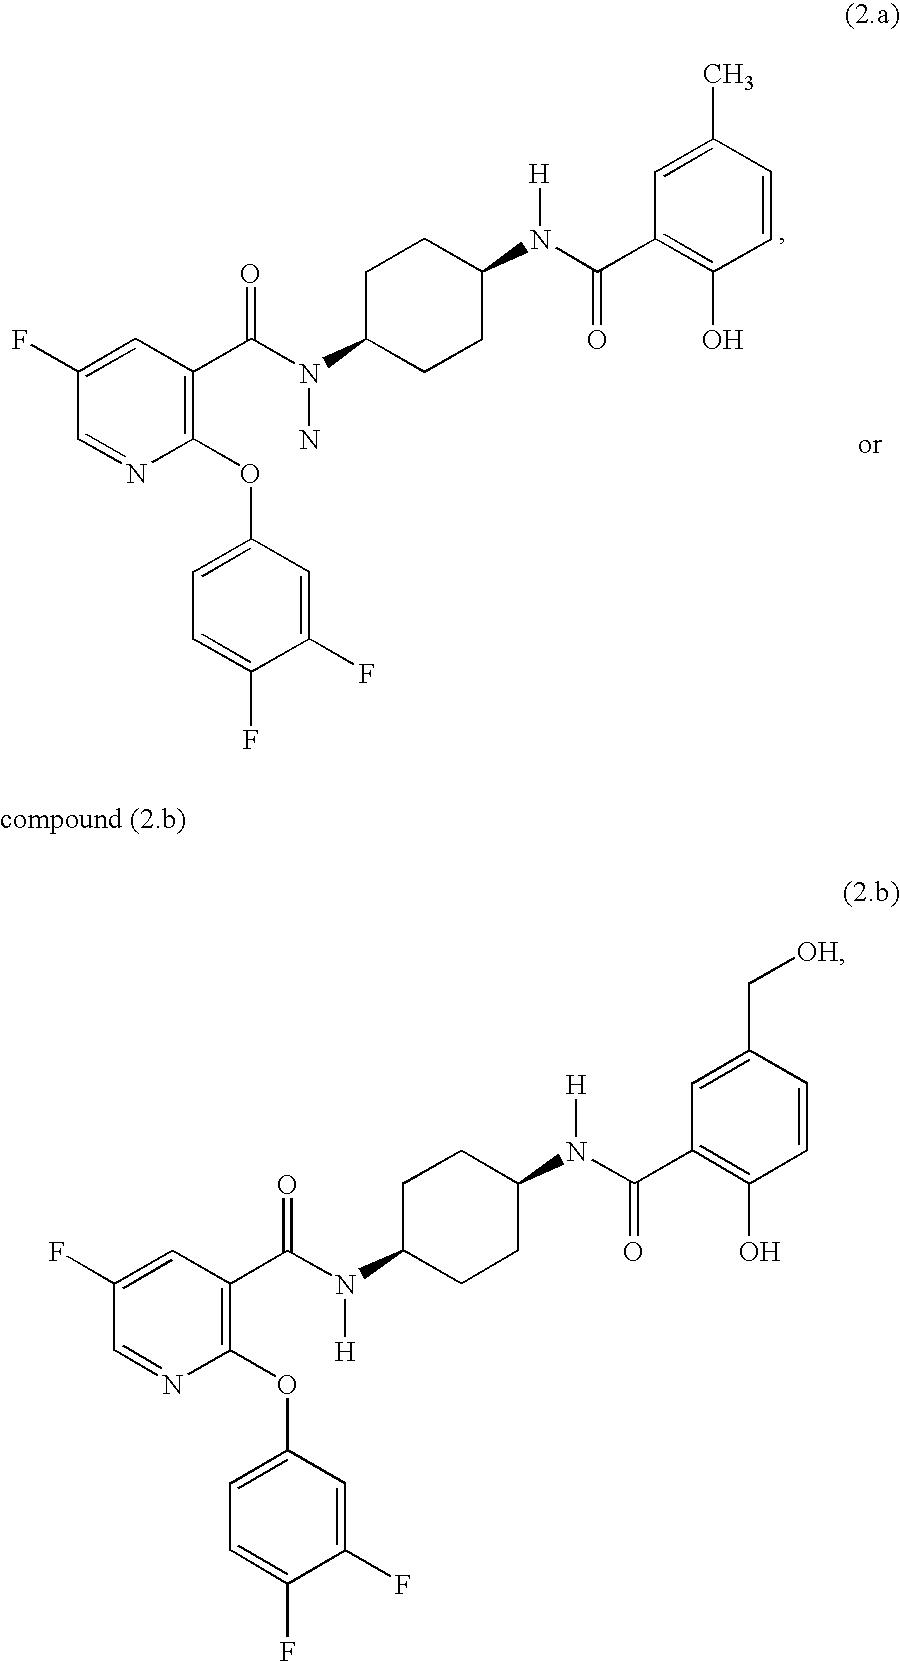 Figure US20050043343A1-20050224-C00008